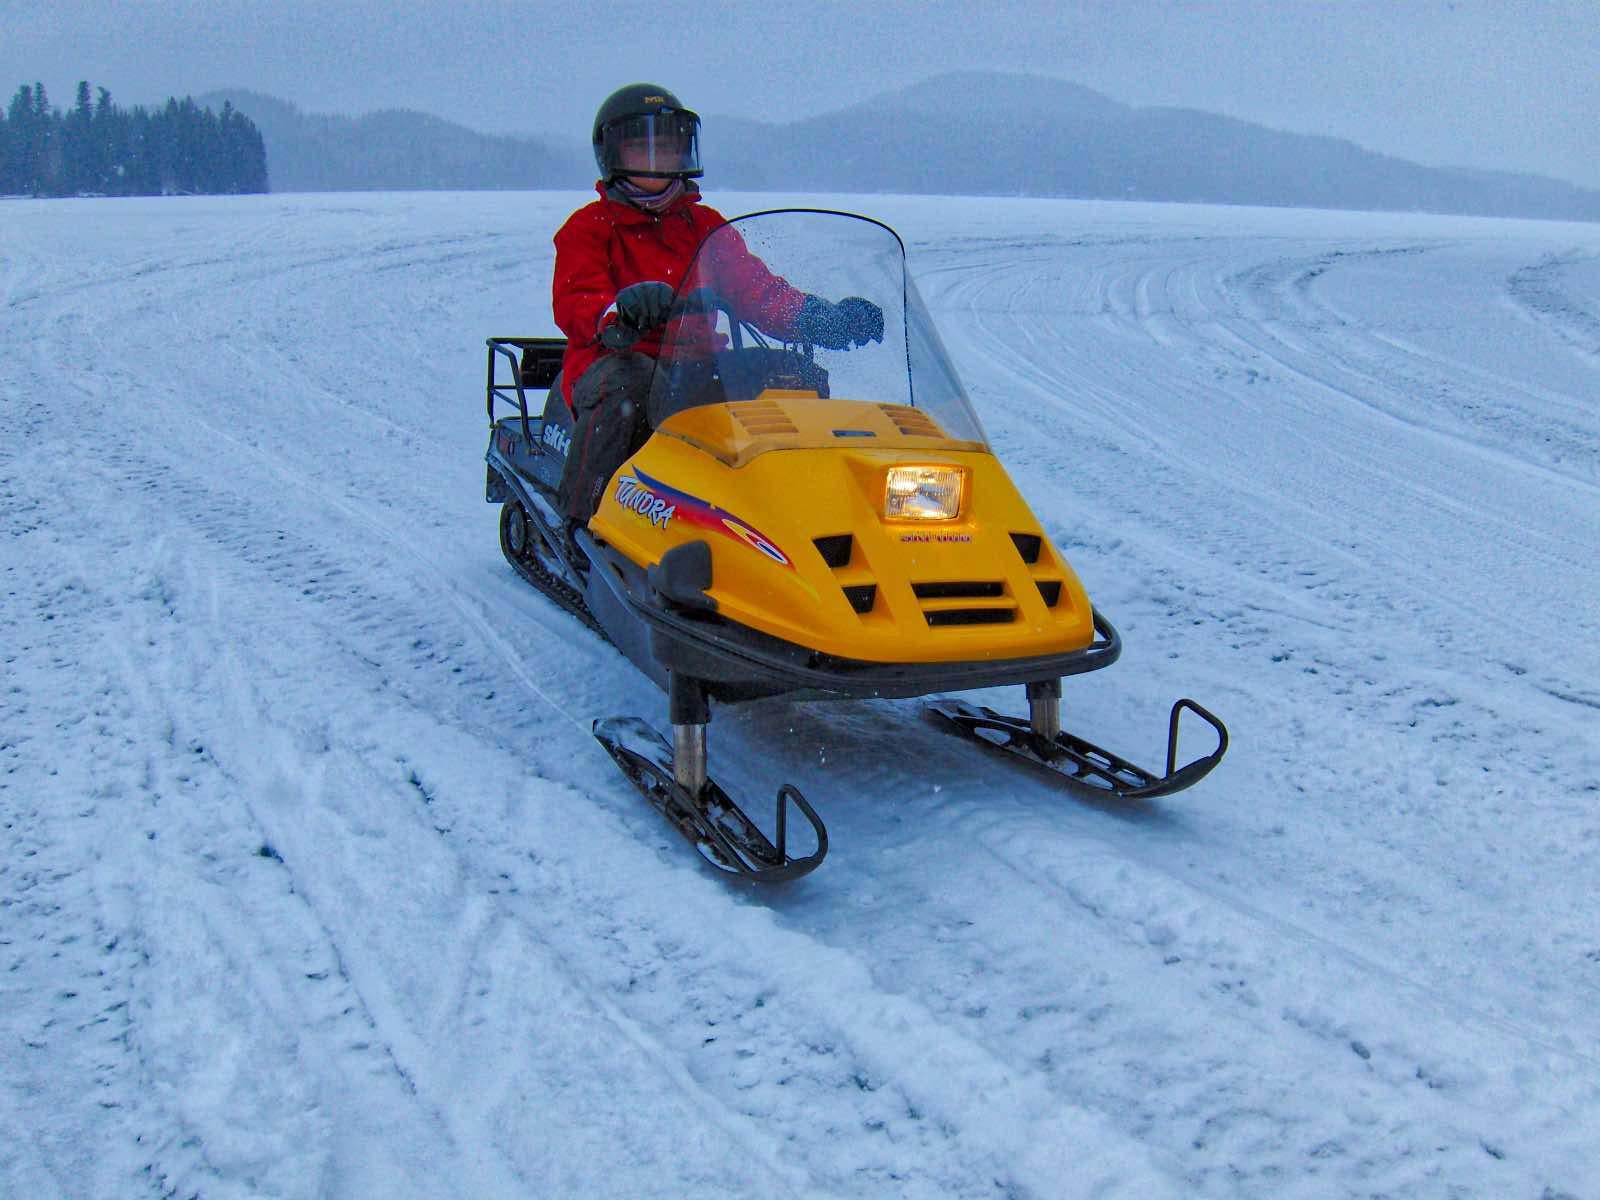 Bei -23° C mit dem Schneemobil auf dem zugefrorenen See.